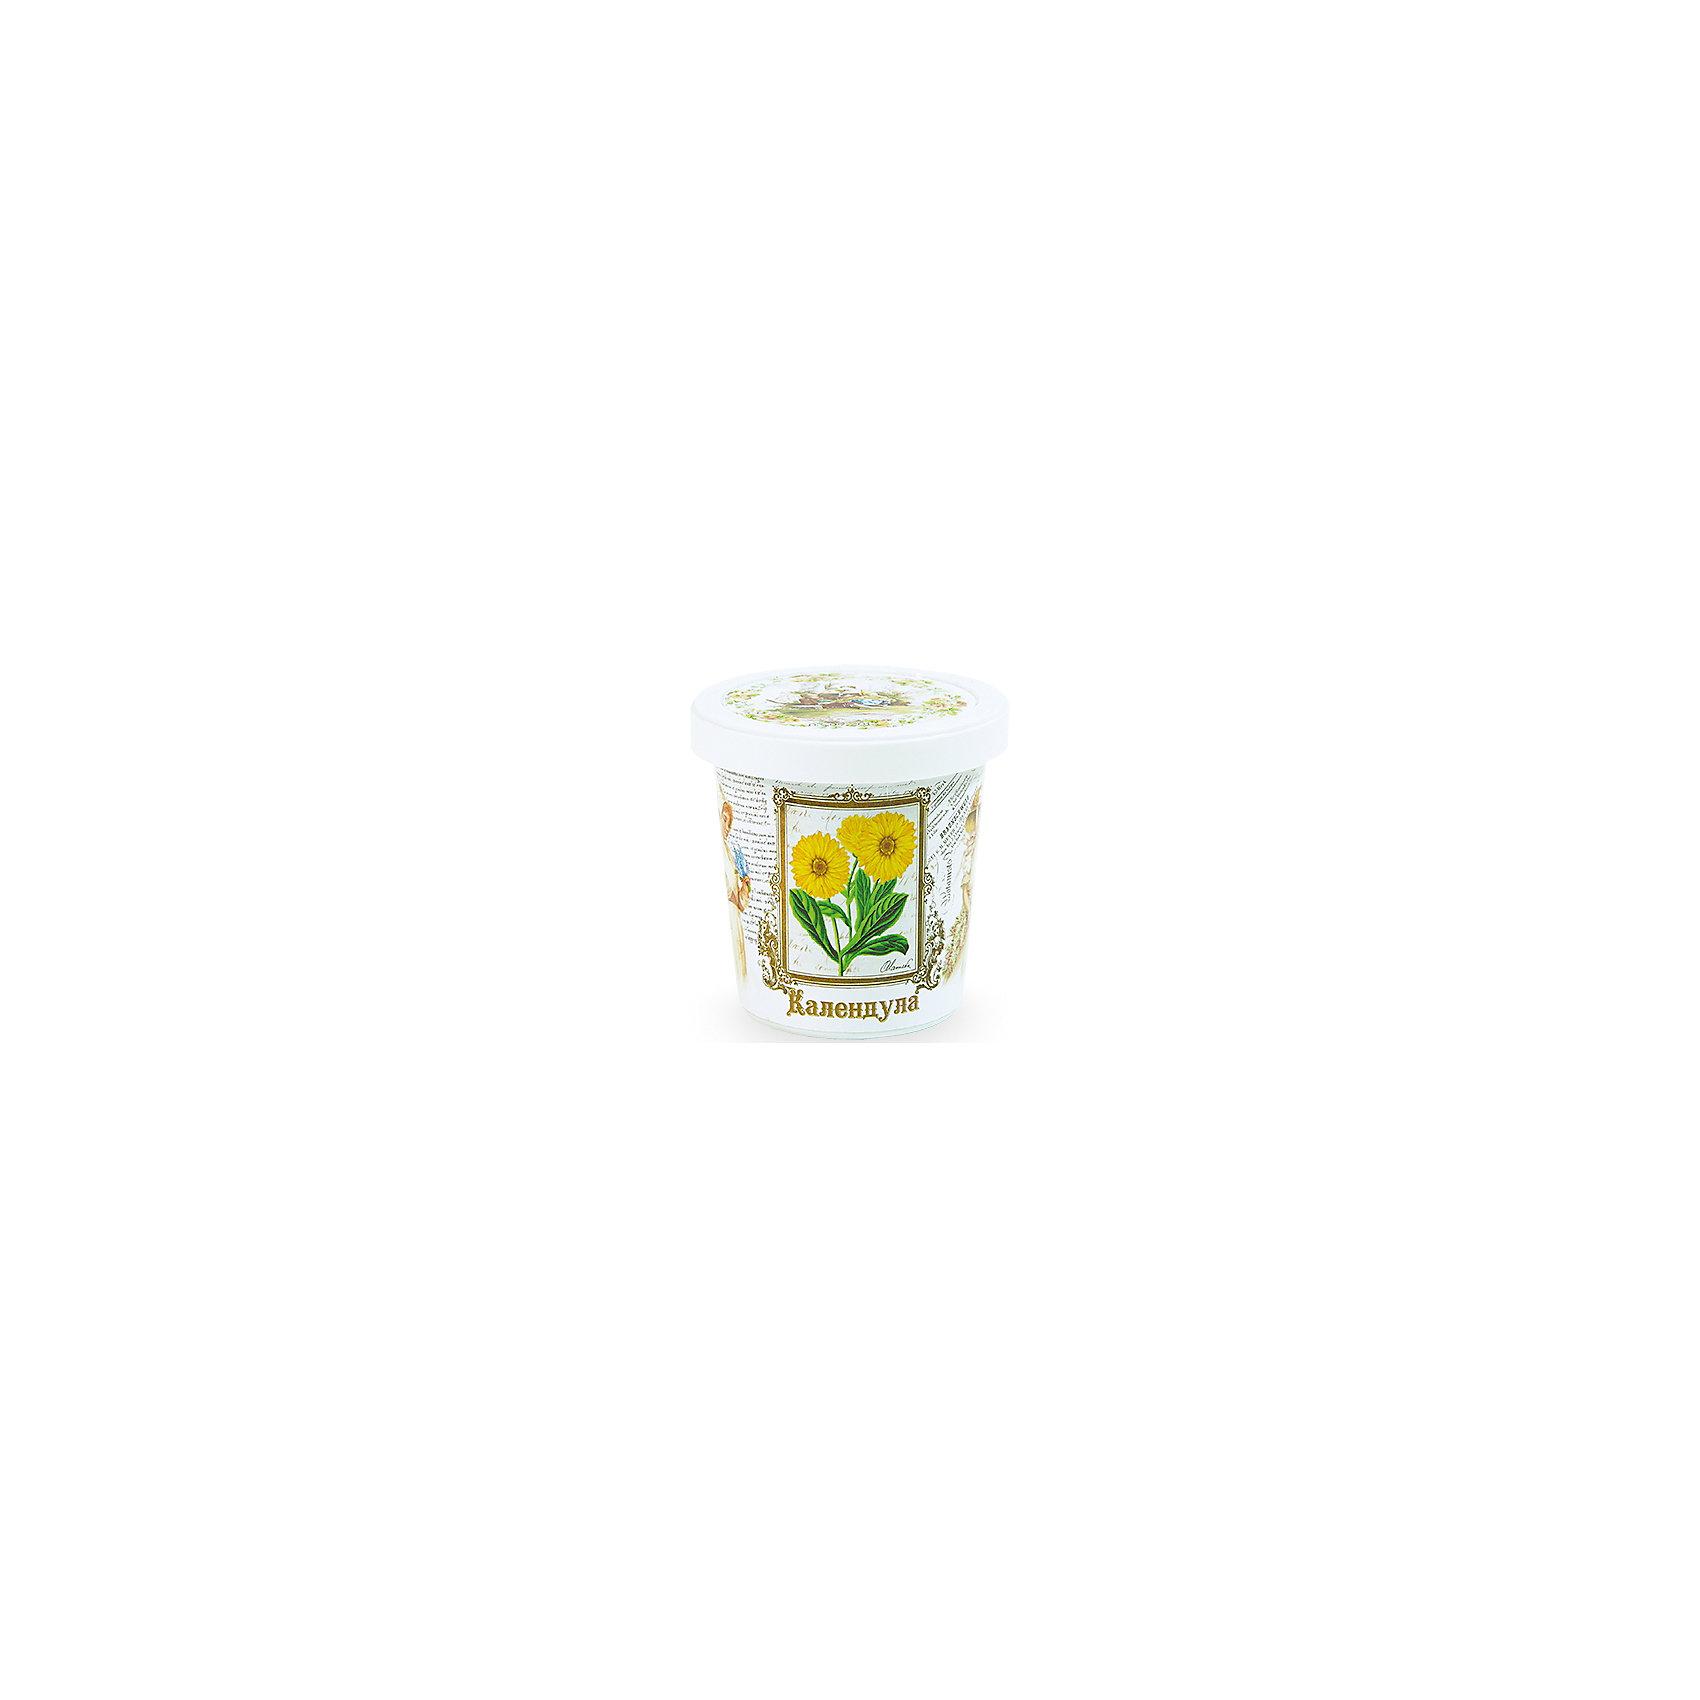 Набор для выращивания Календула Rostok VisaКалендула, Rostok Visa.<br><br>Характеристики:<br><br>• вы сможете выращивать растения у себя дома<br>• экологически чистая продукция<br>• не содержит химикаты<br>• отличная всхожесть<br>• приятный дизайн<br>• в комплекте: горшочек, пакет с семенами, грунт, инструкция<br>• размер упаковки: 7,5х7,5х12 см<br>• вес: 275 грамм<br><br>Набор Календула подойдет для любителей садоводства. С его помощью ребенок научится выращивать календулу и ухаживать за ней. Прочитав инструкцию, вы узнаете как именно нужно ухаживать за растением. Процесс выращивания понравится ребенку, а взрослое растение в оригинальном горшочке украсит вашу комнату!<br><br>Набор Календула, Rostok Visa вы можете купить в нашем интернет-магазине.<br><br>Ширина мм: 120<br>Глубина мм: 75<br>Высота мм: 75<br>Вес г: 267<br>Возраст от месяцев: 168<br>Возраст до месяцев: 240<br>Пол: Унисекс<br>Возраст: Детский<br>SKU: 5053979